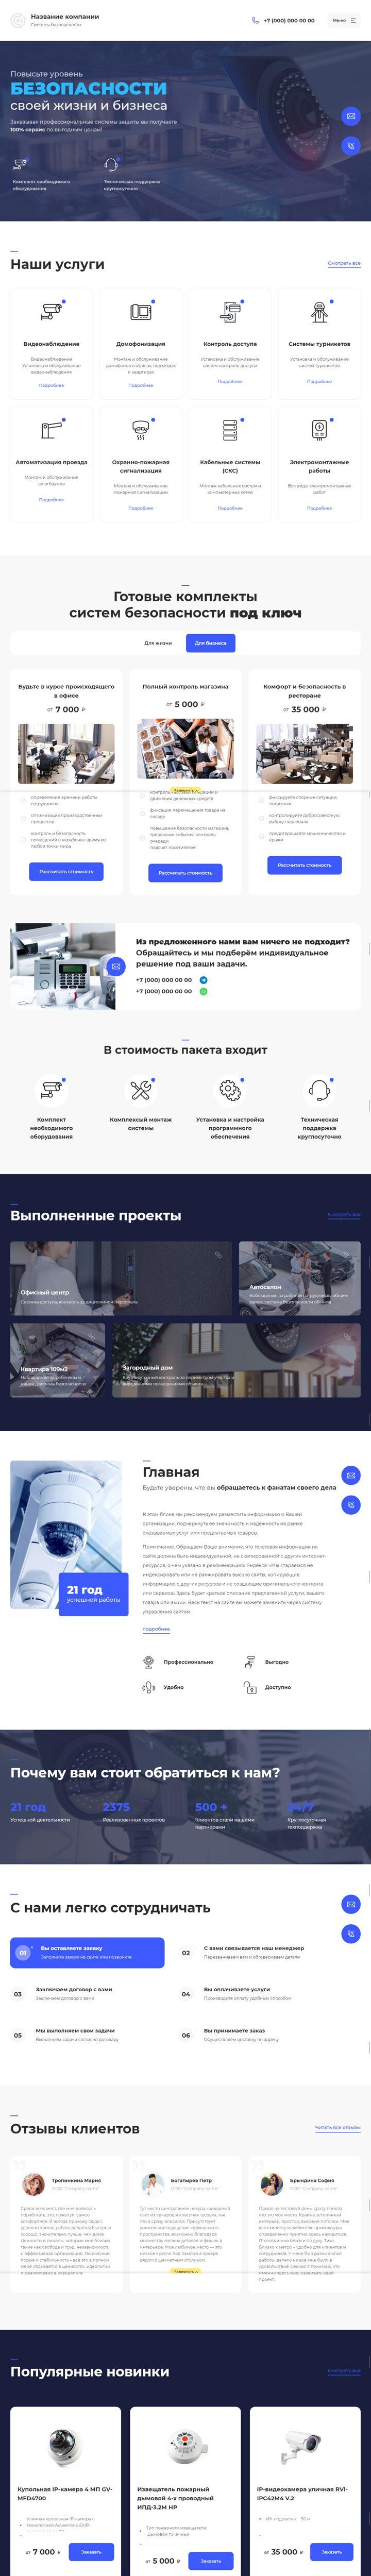 Готовый Сайт-Бизнес #2911887 - Системы безопасности, видеонаблюдения, сигнализации (Главная)